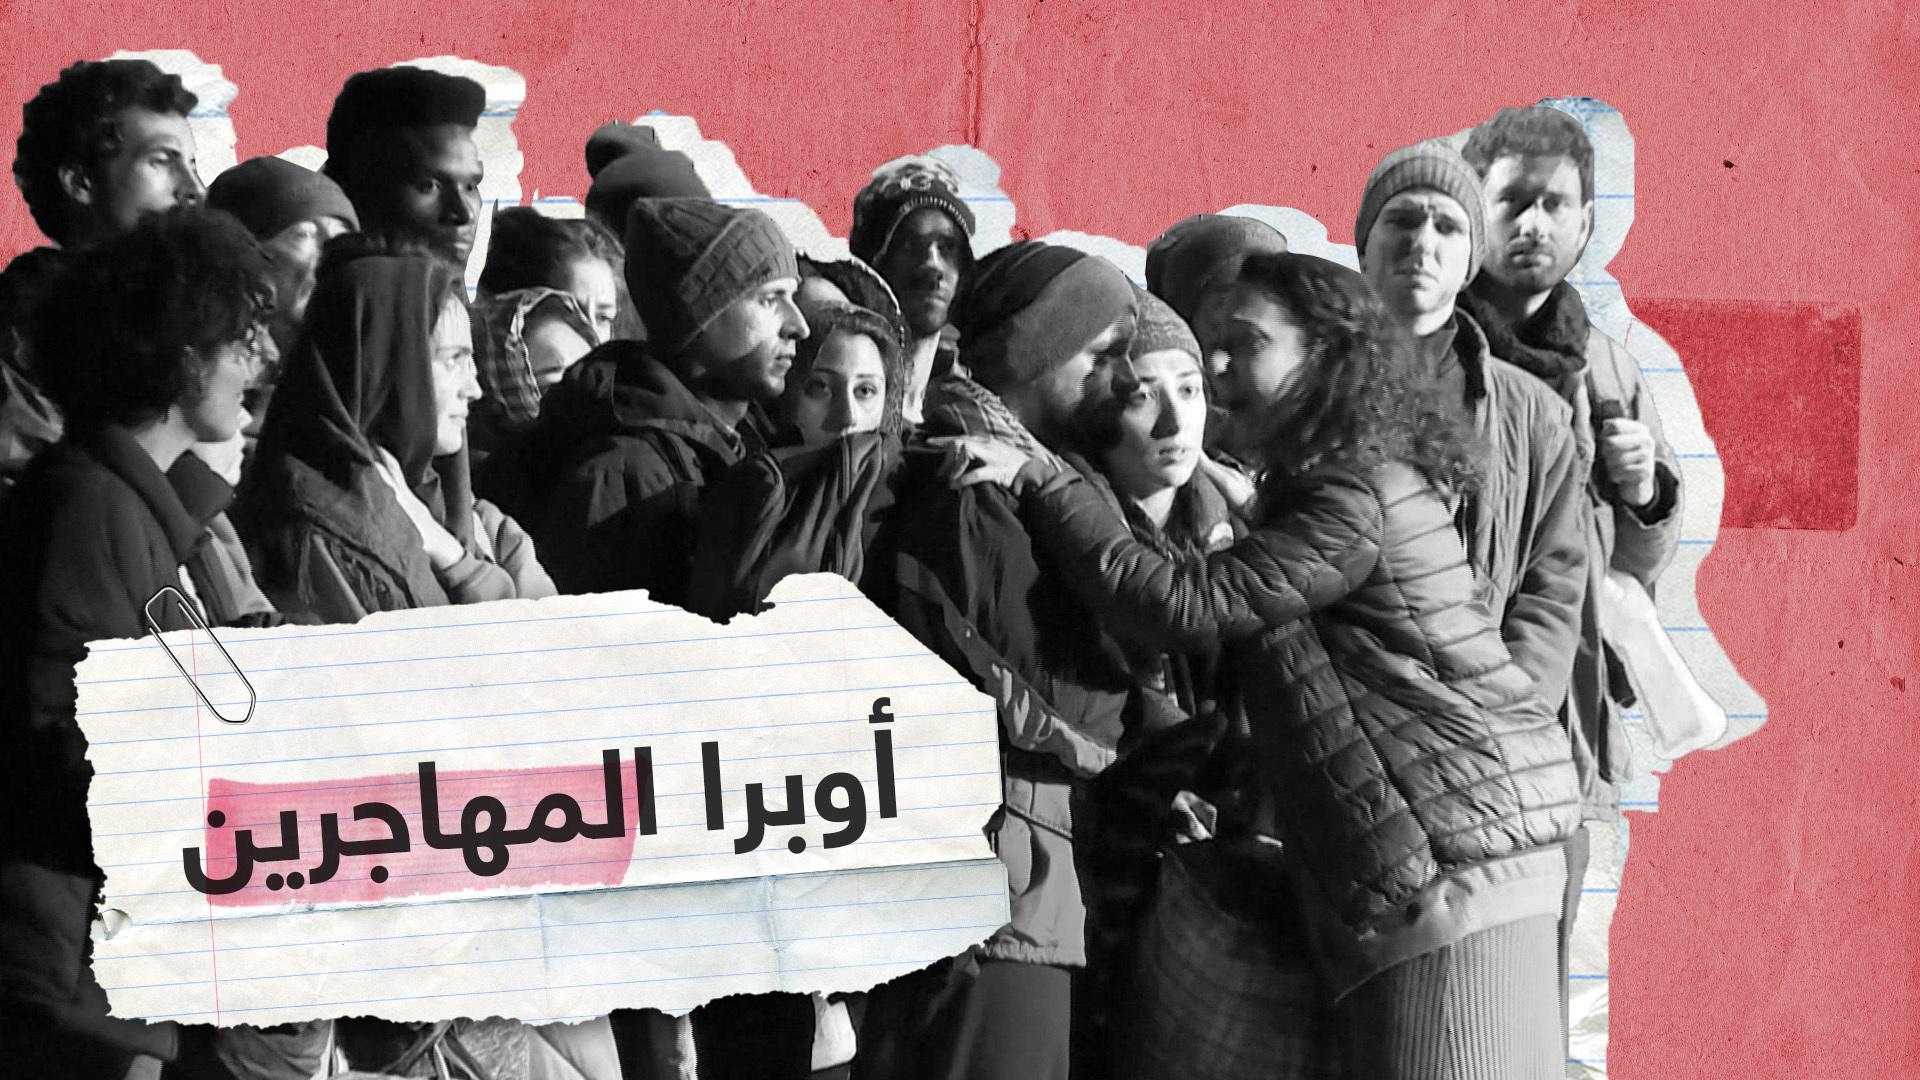 مهاجرون يروون معاناتهم على خشبة المسرح بأنفسهم